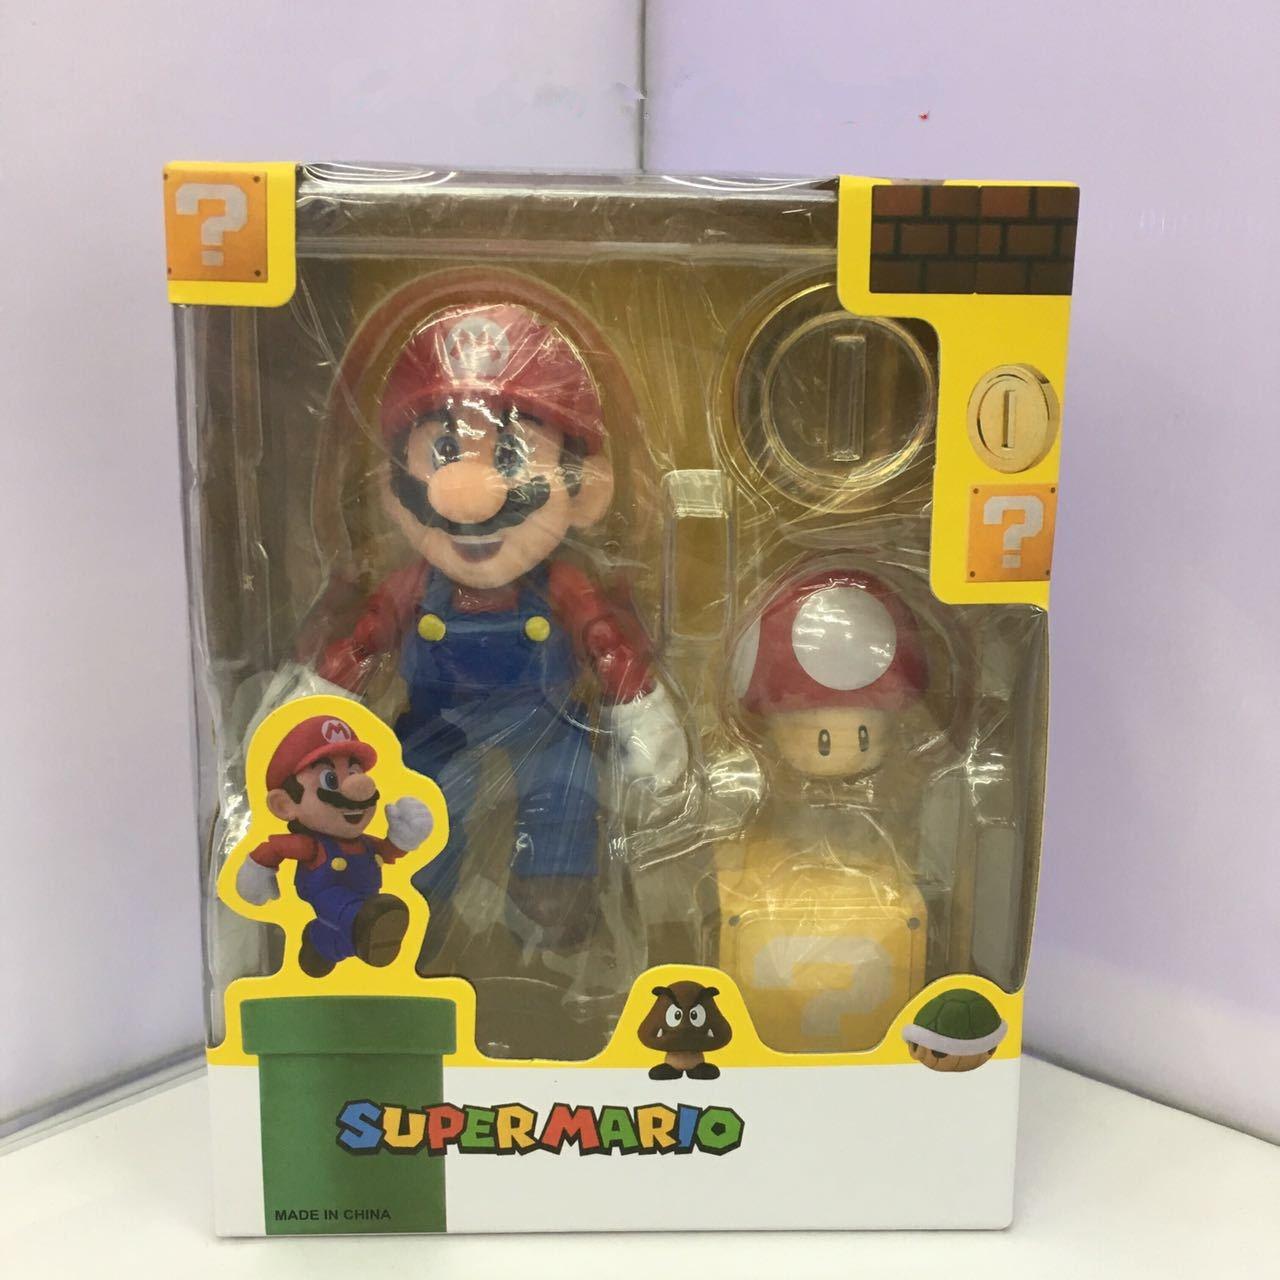 SHFiguarts Super Mario Bros Mario & Toad / Luigi & Koopa PVC Action Figure Collectible Model Toy 11cm KT3857 shfiguarts batman injustice ver pvc action figure collectible model toy 16cm kt1840